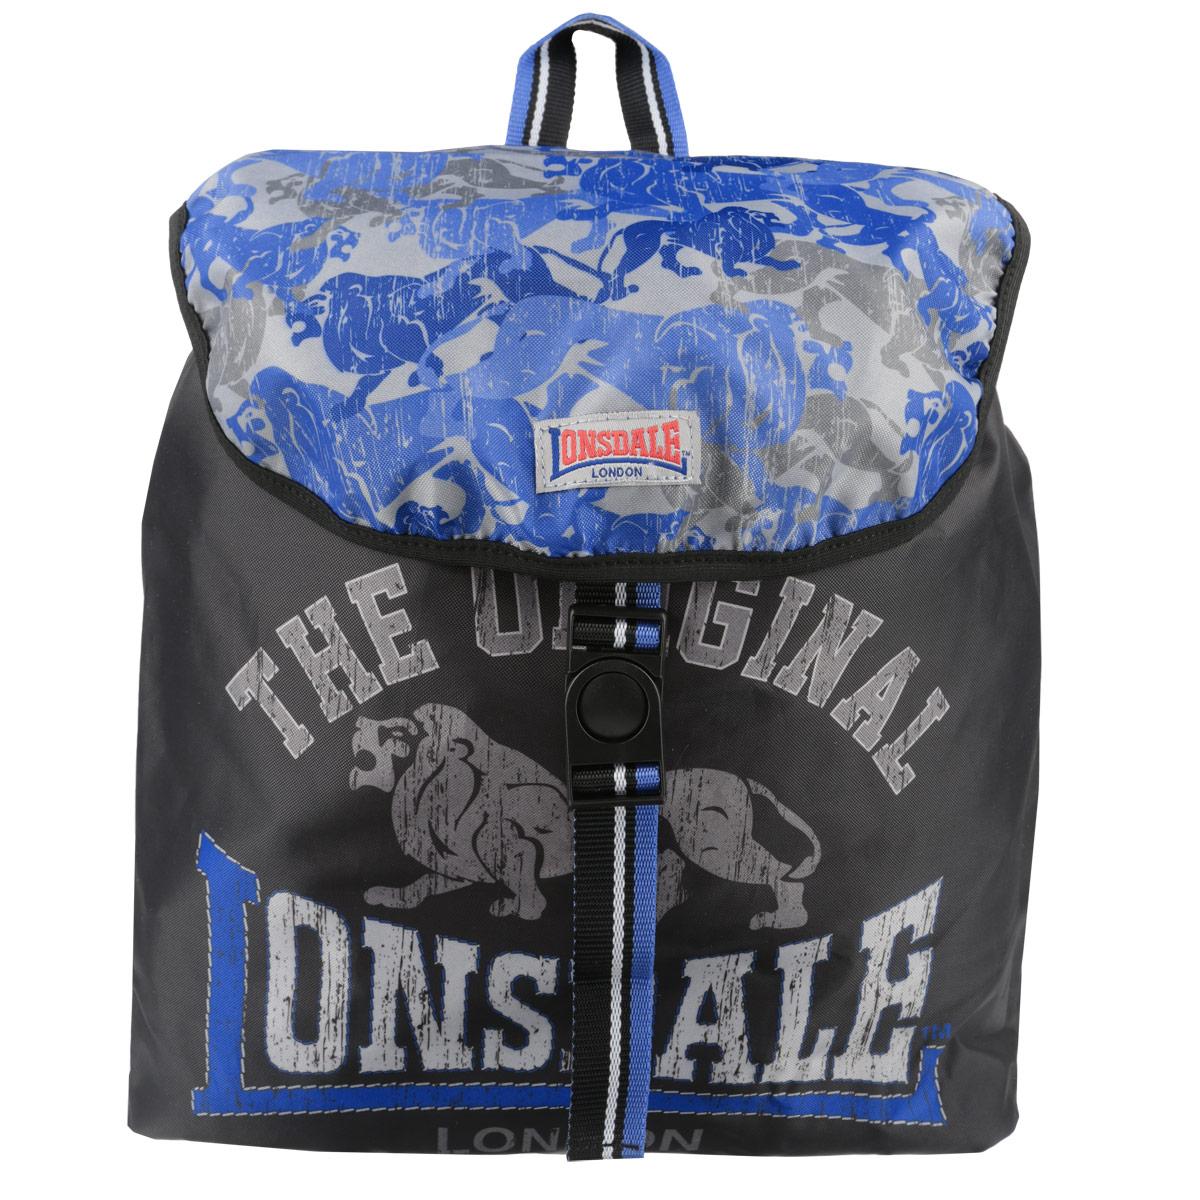 Рюкзак молодежный Lonsdale, цвет: черный, серый, голубой. LSCB-UT1-844MABLSEH10001Молодежный рюкзак Lonsdale сочетает в себе современный дизайн и долговечность. Выполнен из прочных и высококачественных материалов с изображением льва.Содержит рюкзак одно вместительное отделение, которое затягивается шнурком с пластиковым фиксатором и сверху закрывается клапаном на защелке. Широкие лямки отлично регулируются по длине. Изделие оснащено текстильной ручкой для переноски в руке. Этот рюкзак можно использовать для повседневных прогулок, отдыха и спорта, а также как элемент вашего имиджа.Рекомендуемый возраст: от 15 лет.